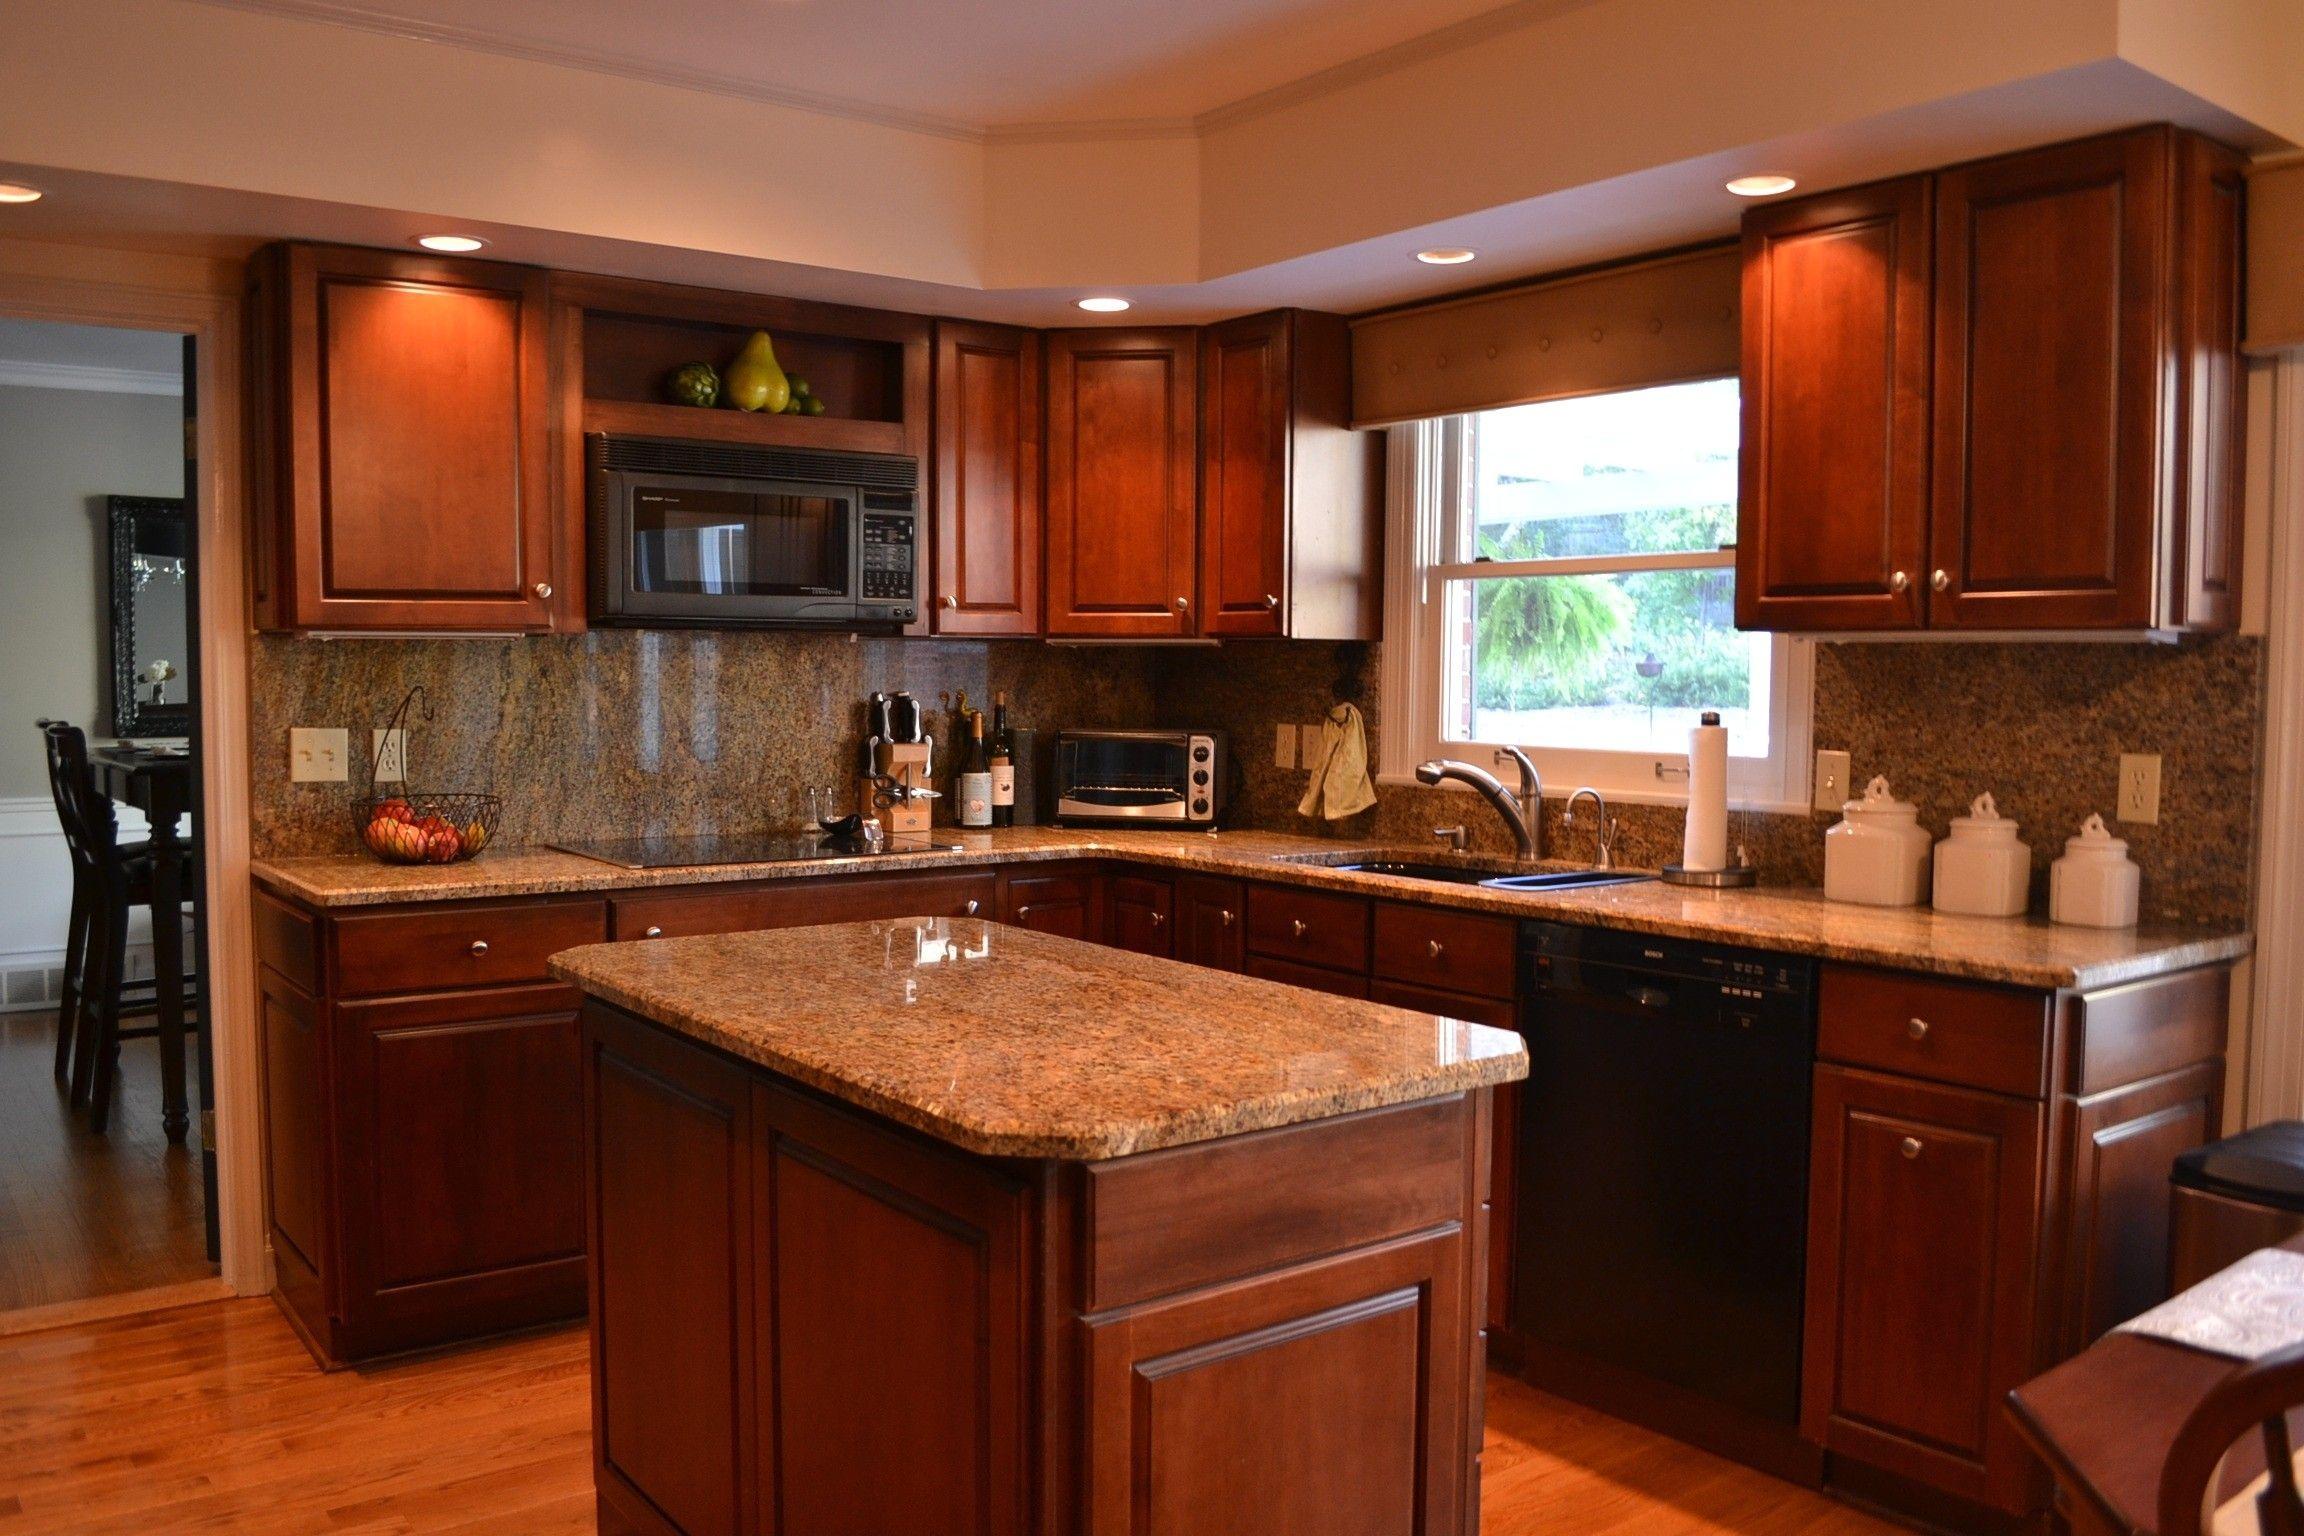 kitchen-color-schemes-with-dark-cabinets-modern-kitchen ...